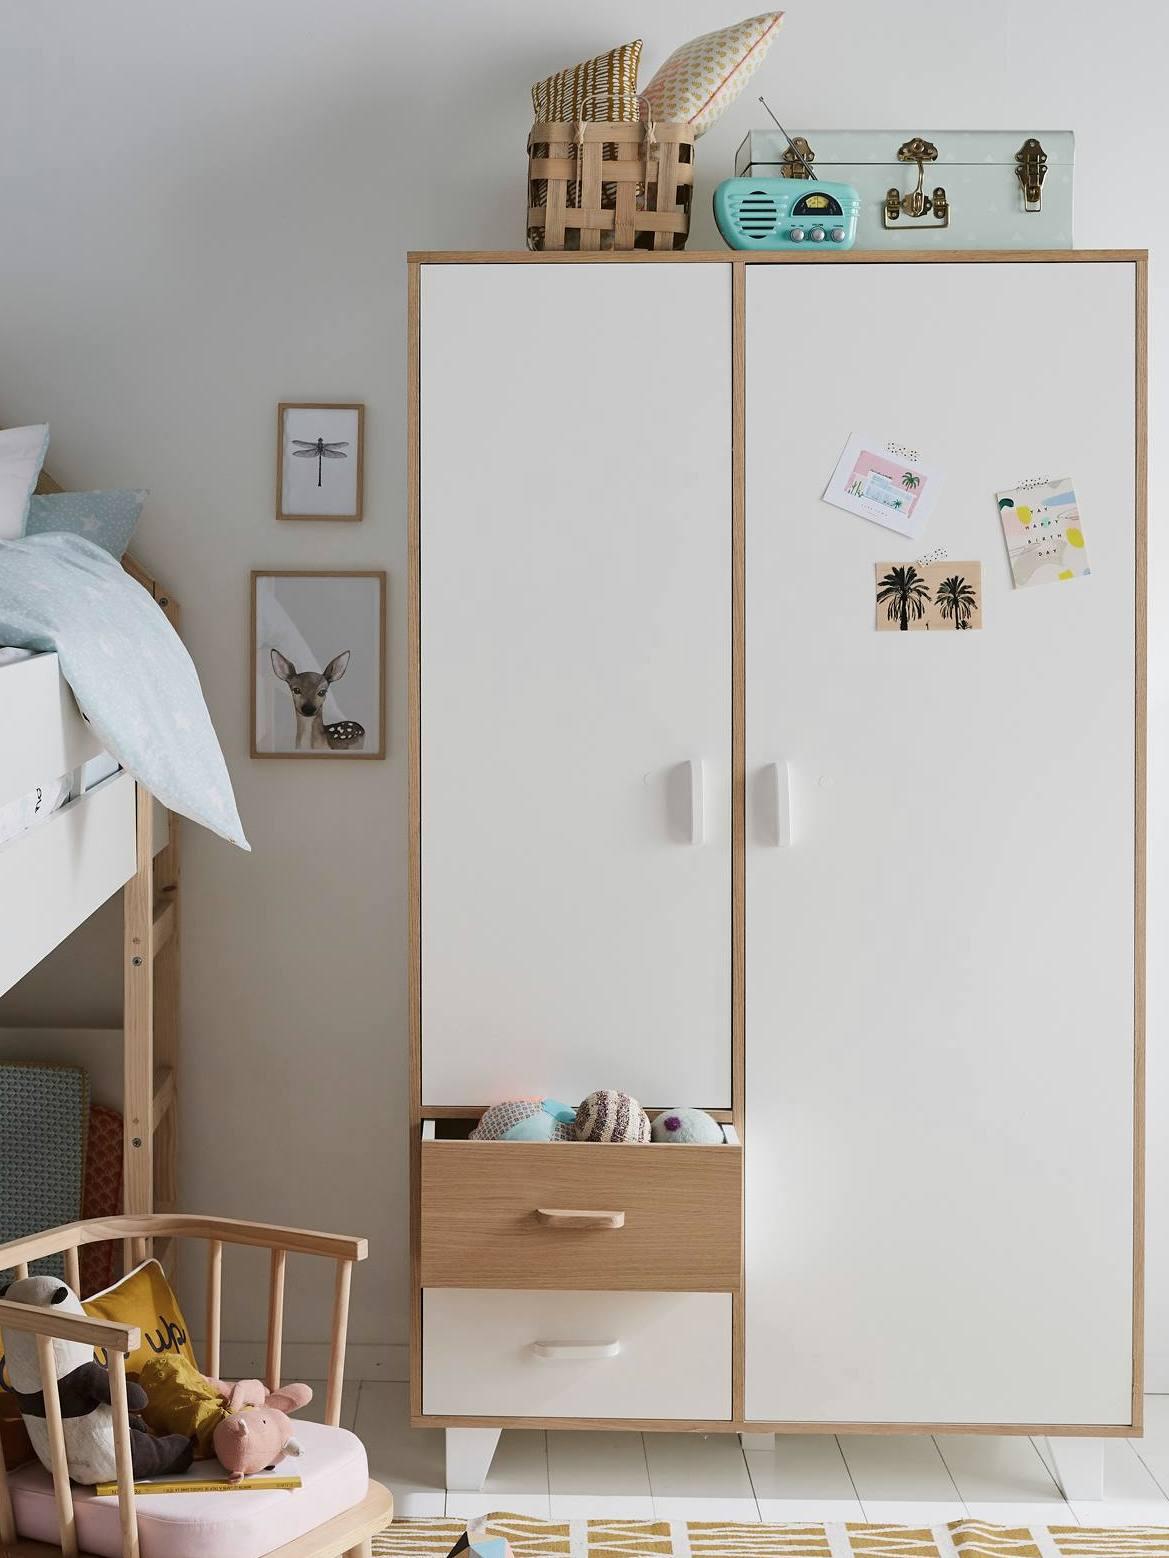 Meuble Rangement Enfant Les Essentiels De La Chambre Joli Place